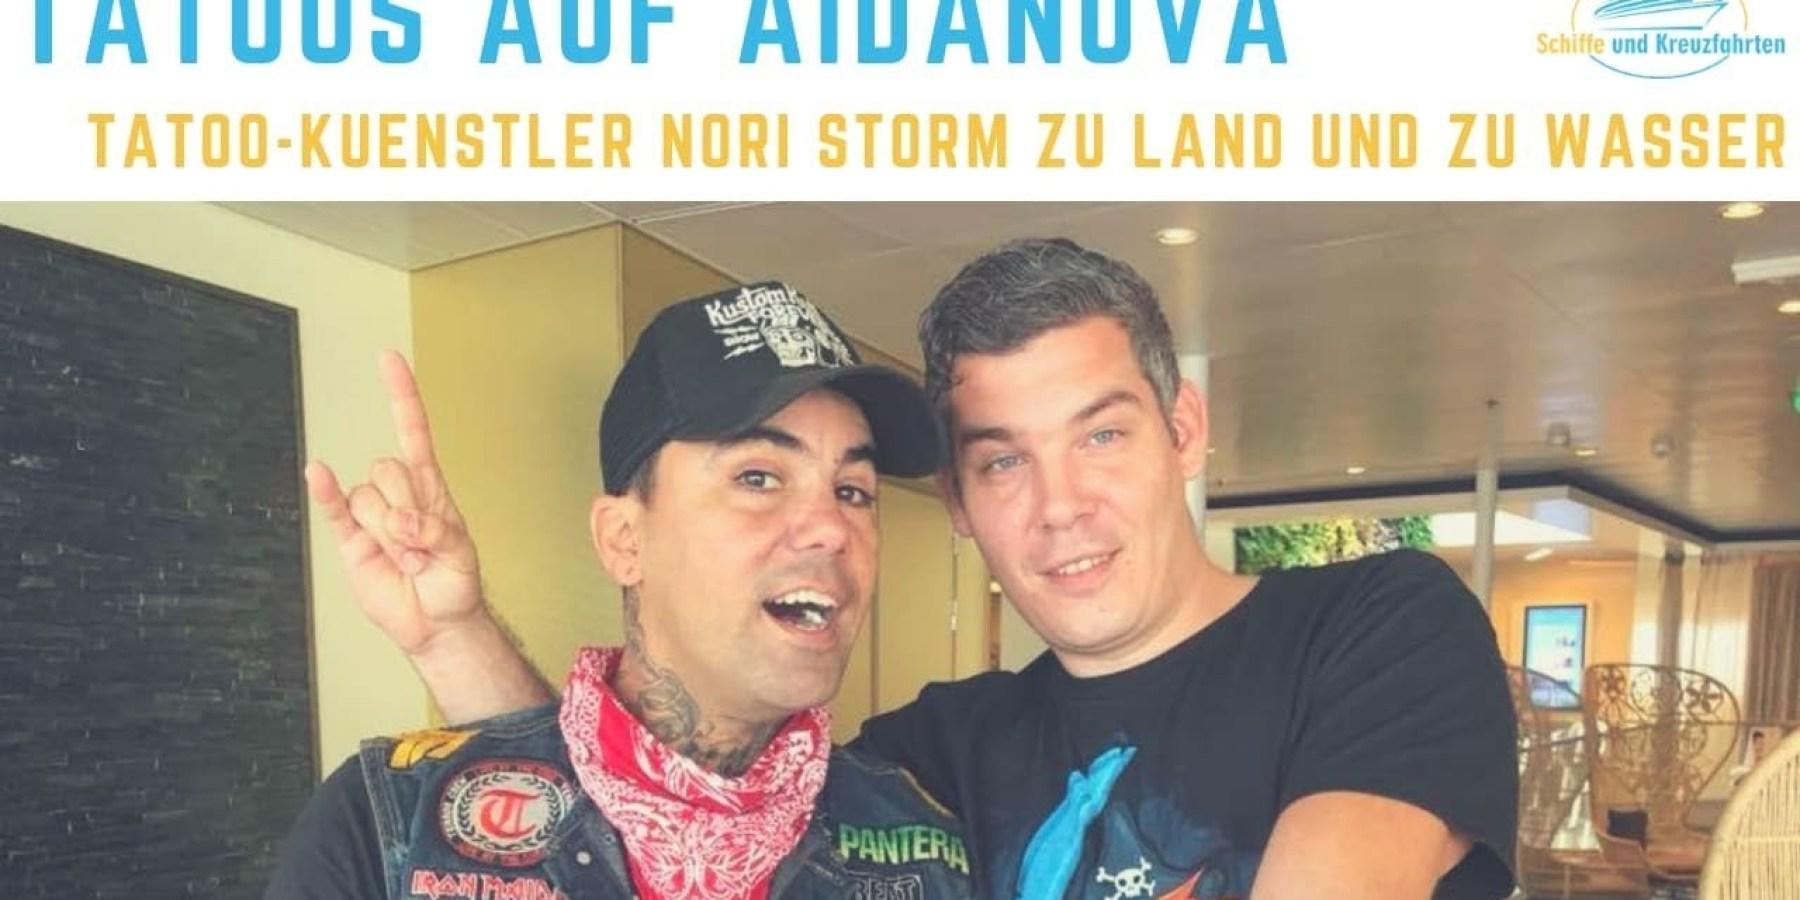 AIDAnova Cruise mit Tattoo-Künstler Nori Storm